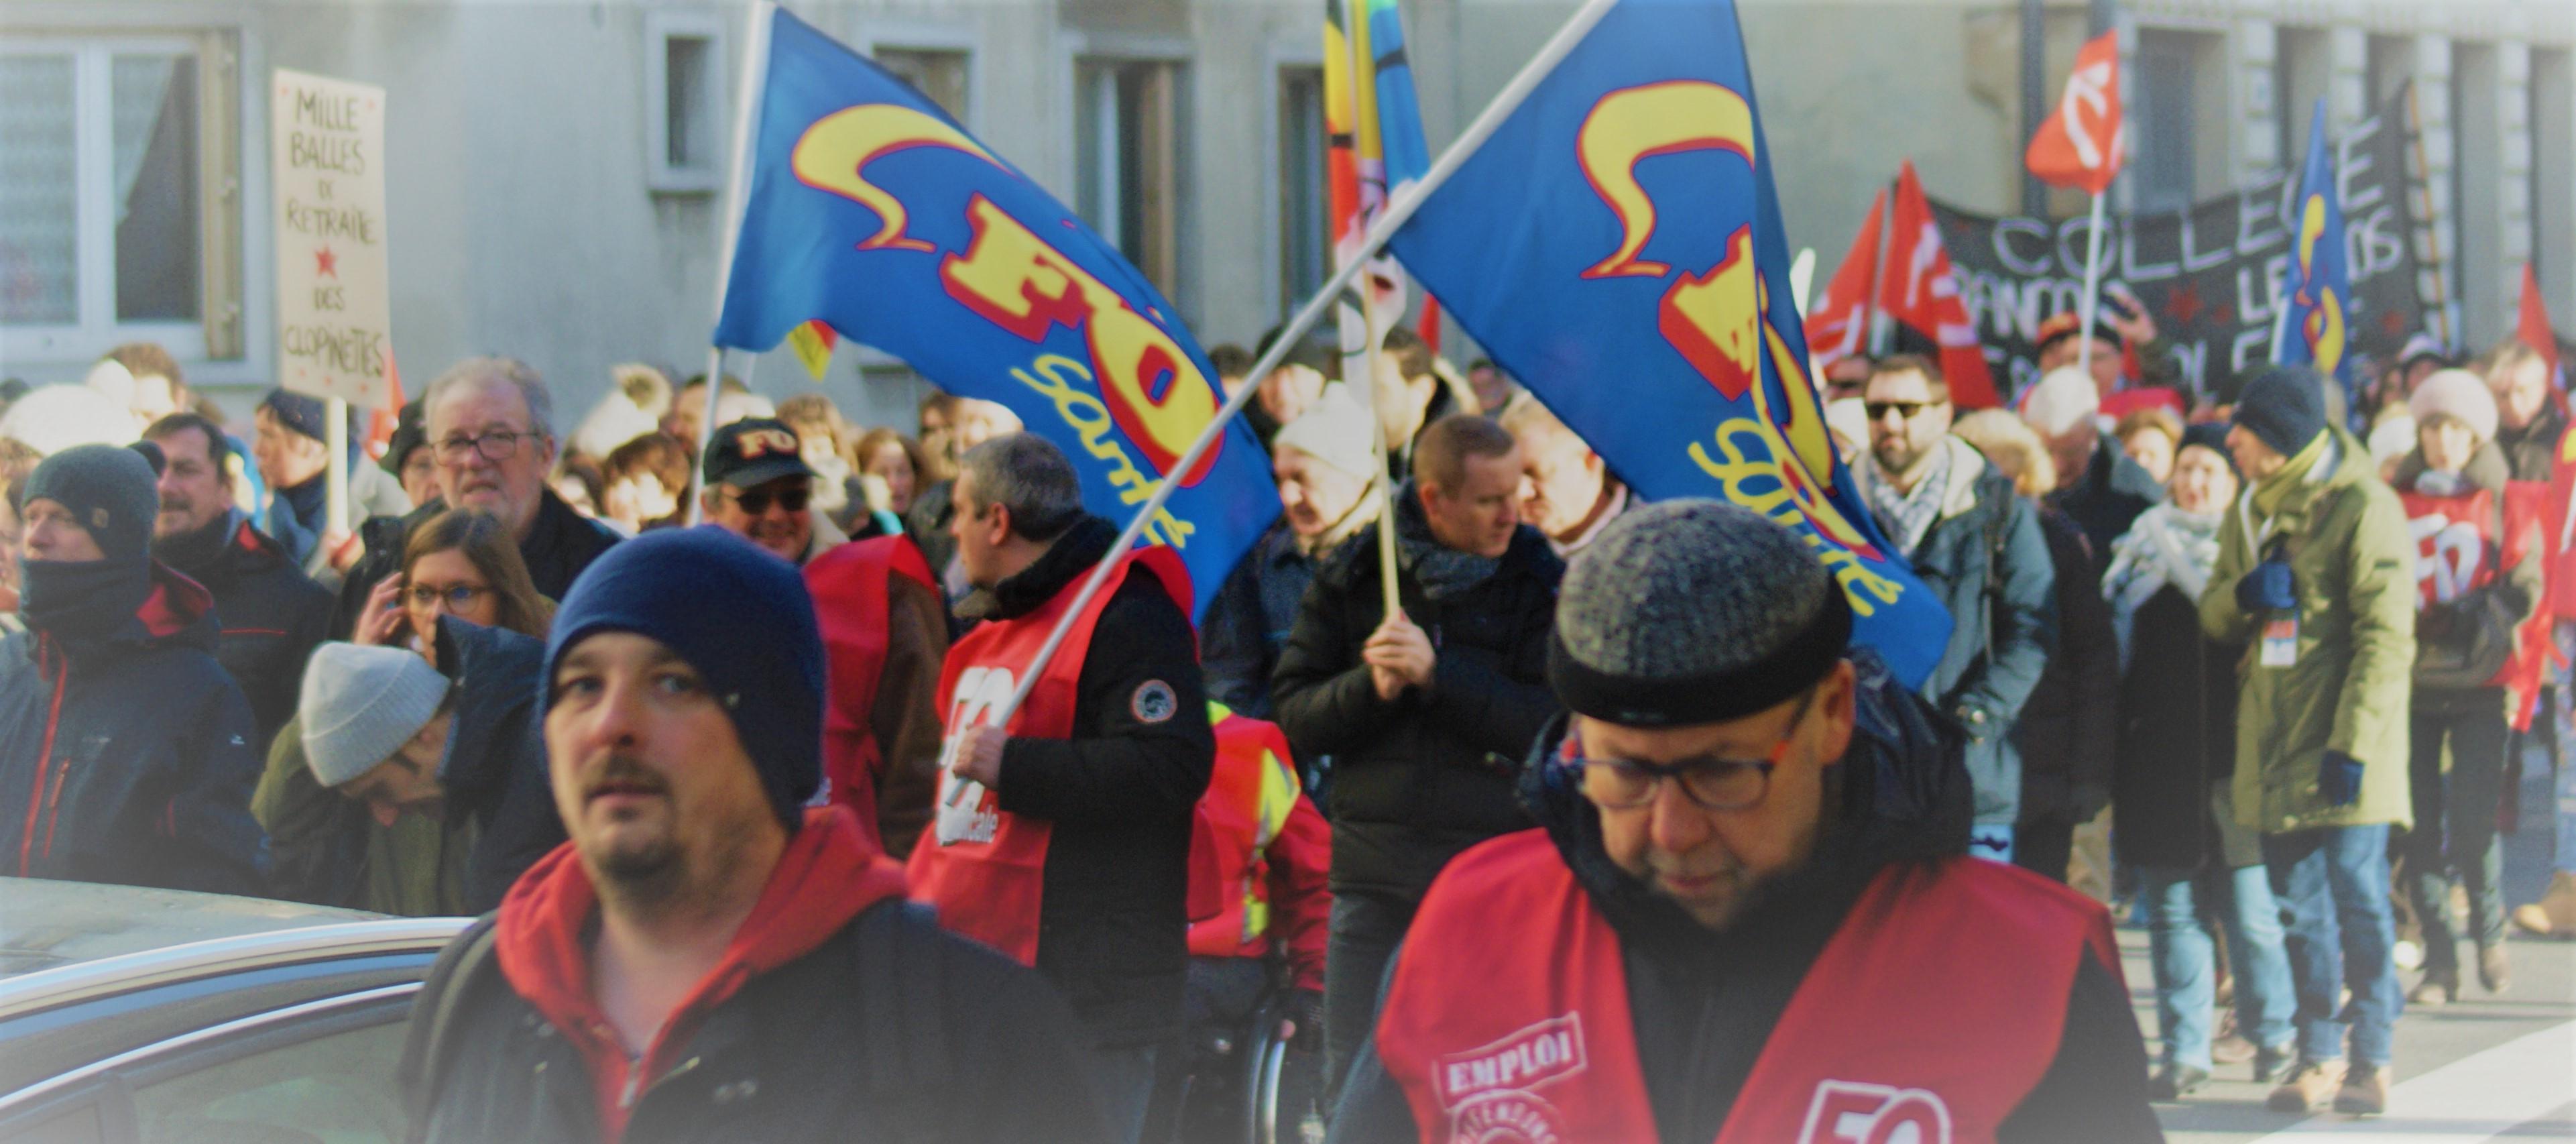 Grève interprofessionnelle - Reims - Mardi 10 décembre 2019